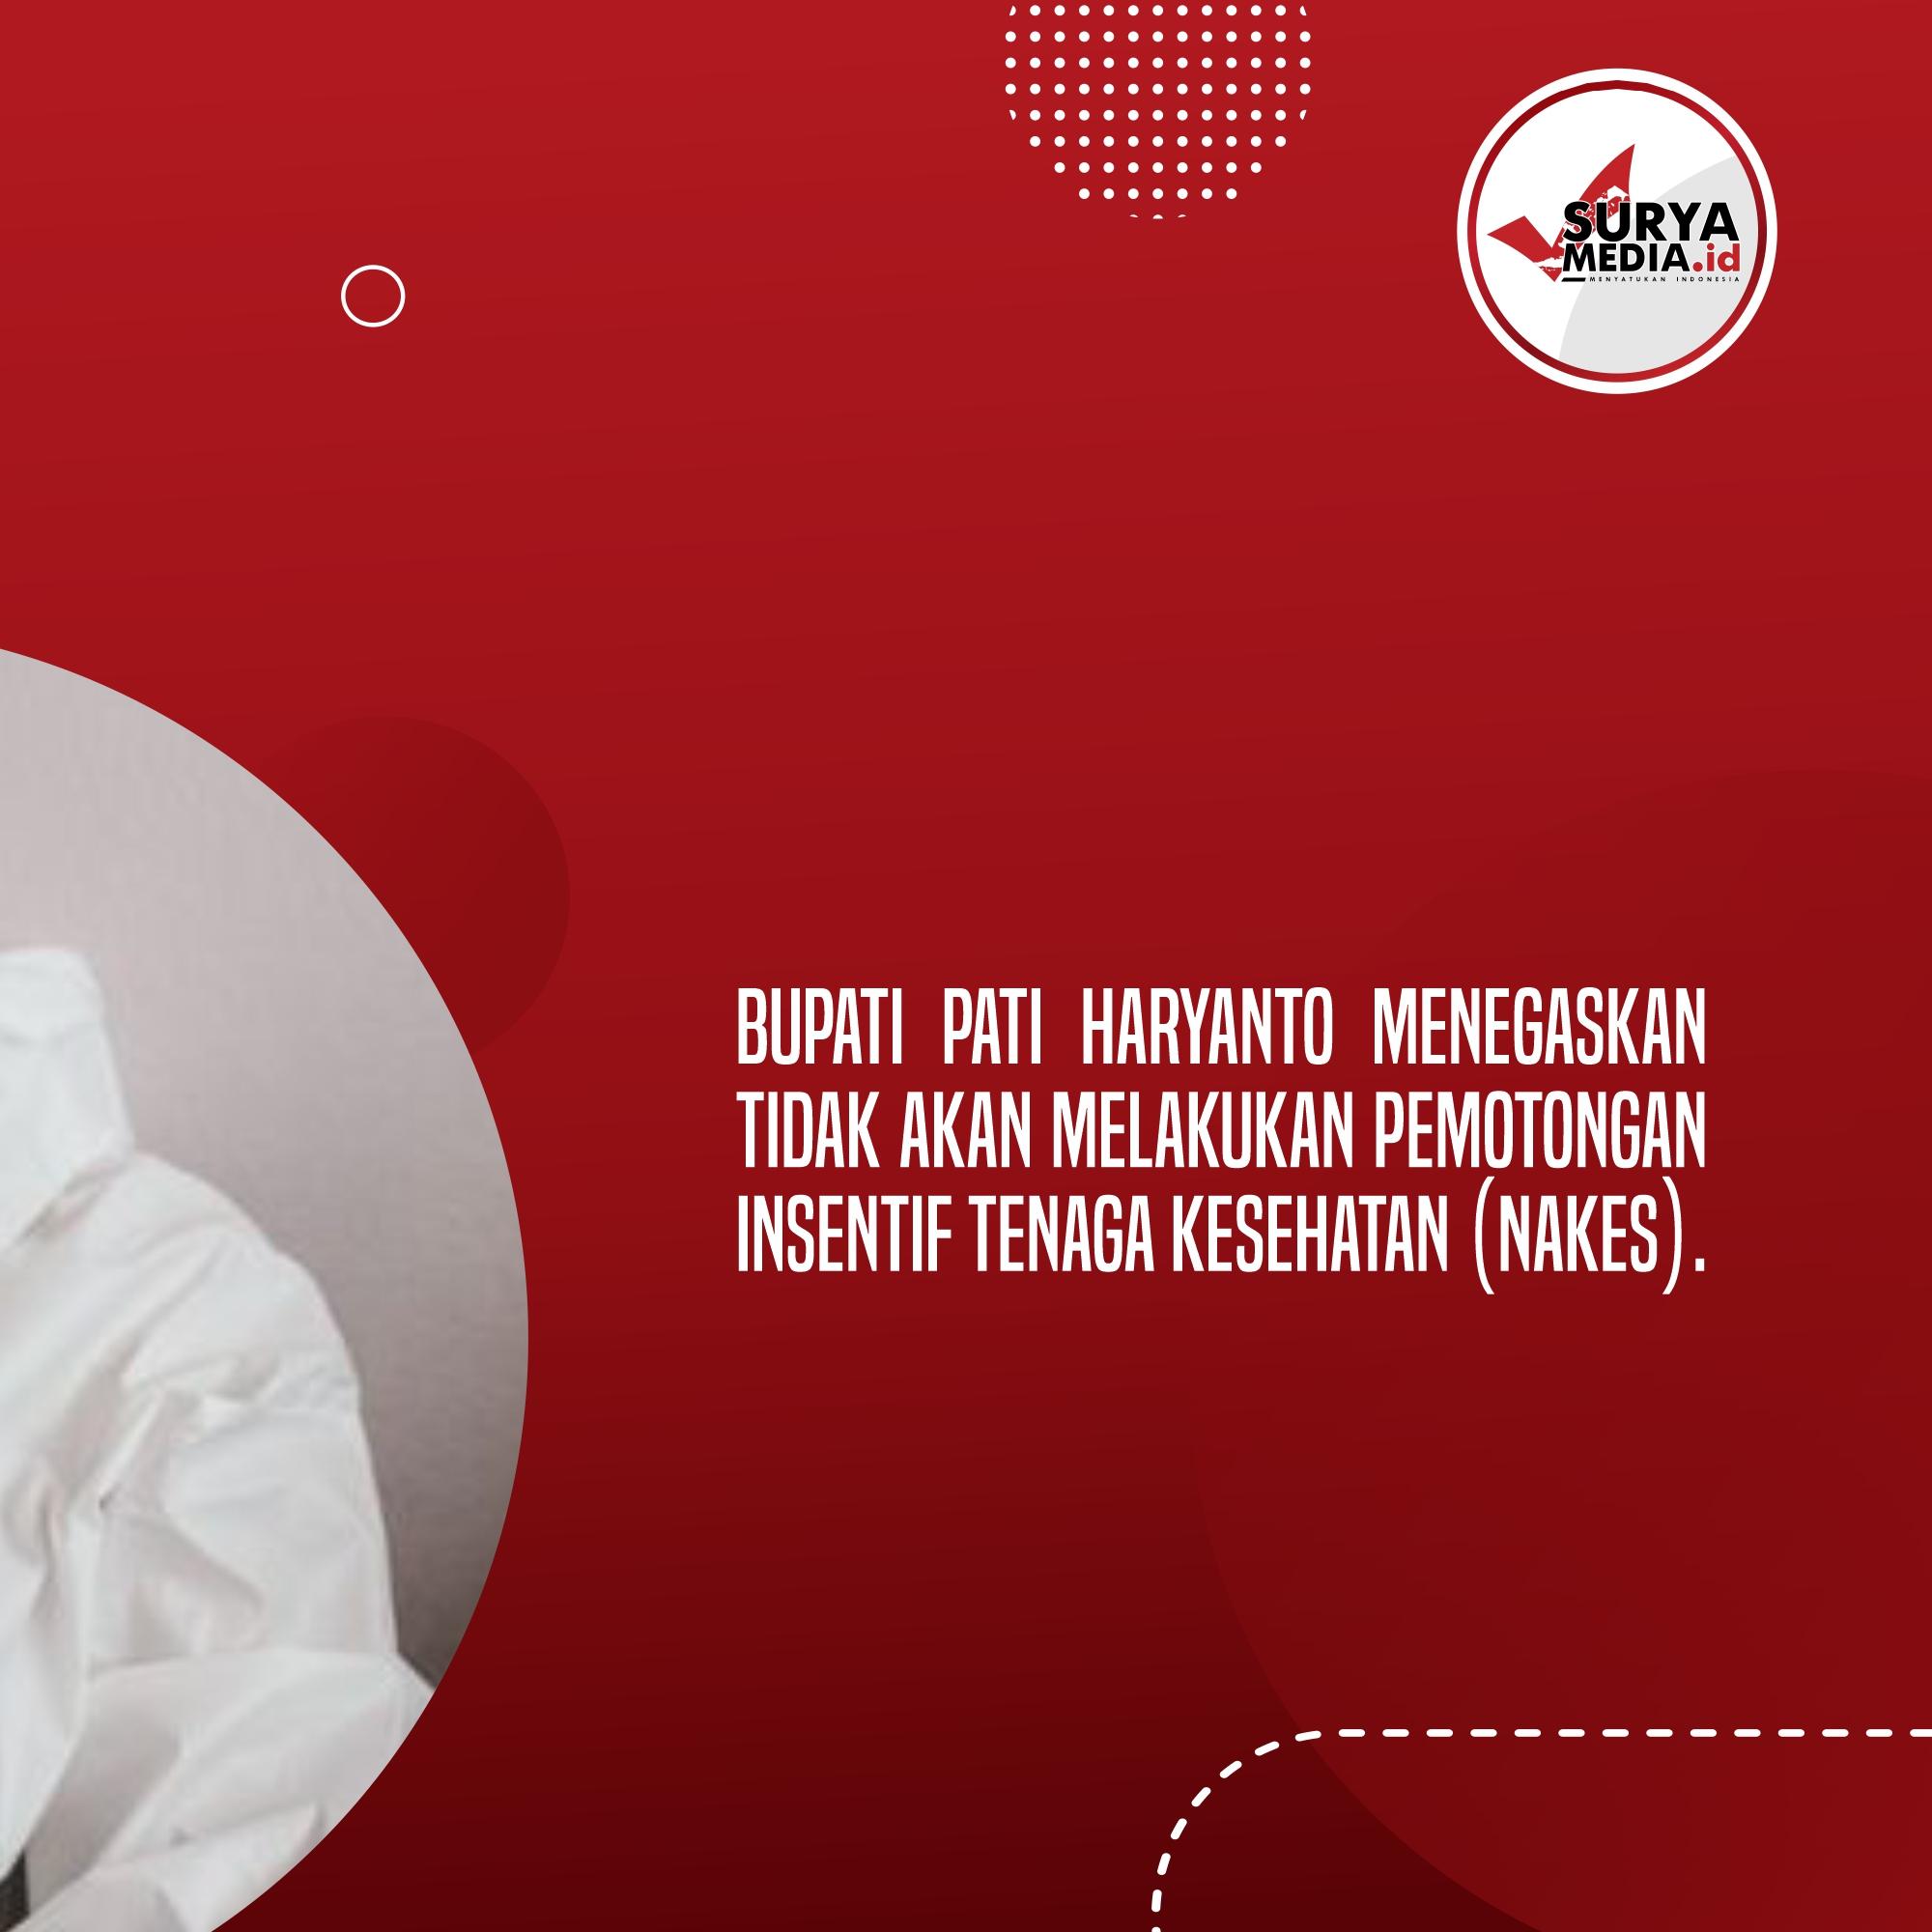 Haryanto Tegaskan Tak Ada Pemotongan Insentif Nakes di Pati